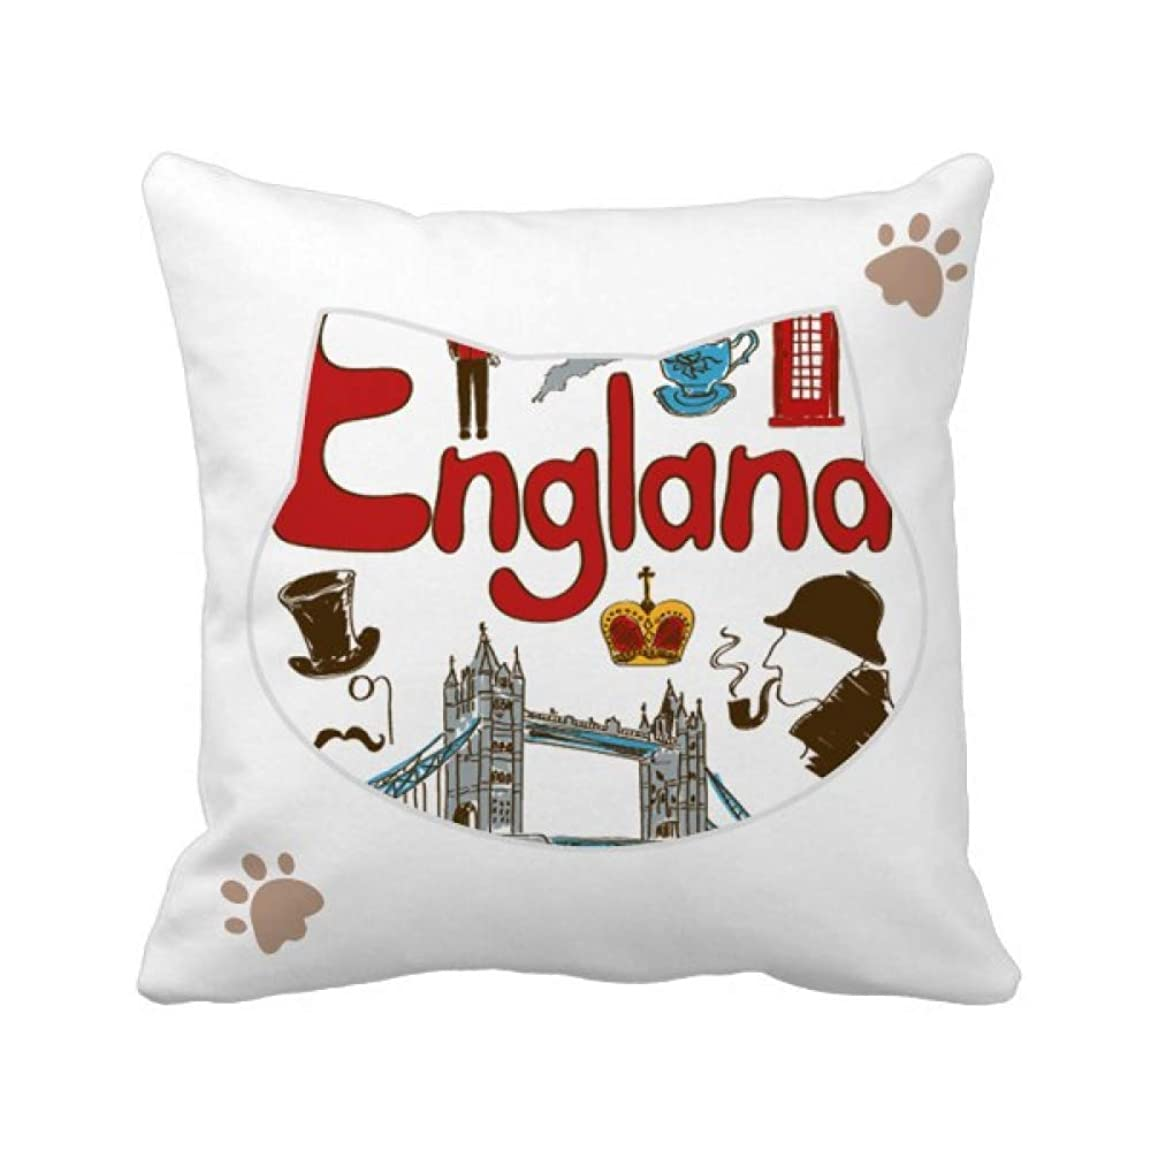 洞察力のある映画学校の先生イングランドの国家の象徴のランドマークのパターン 枕カバーを放り投げる猫広場 50cm x 50cm